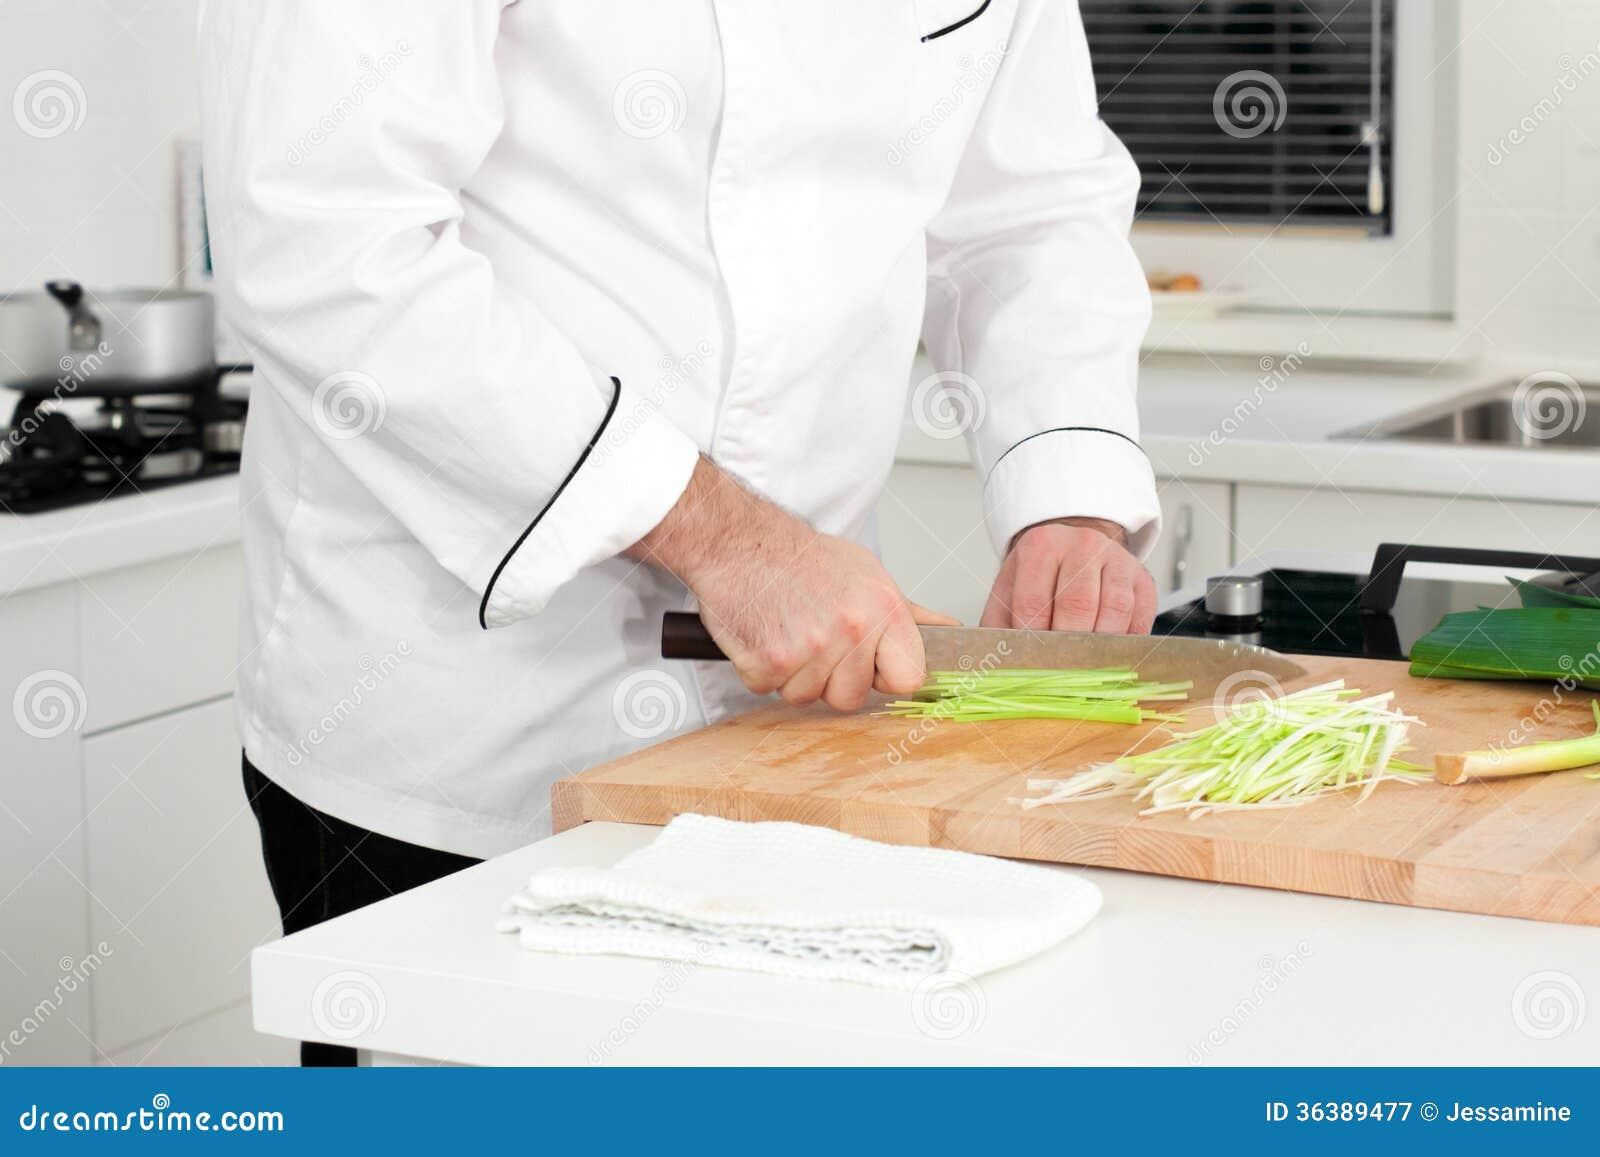 Лук-порей вырезывания шеф-повара